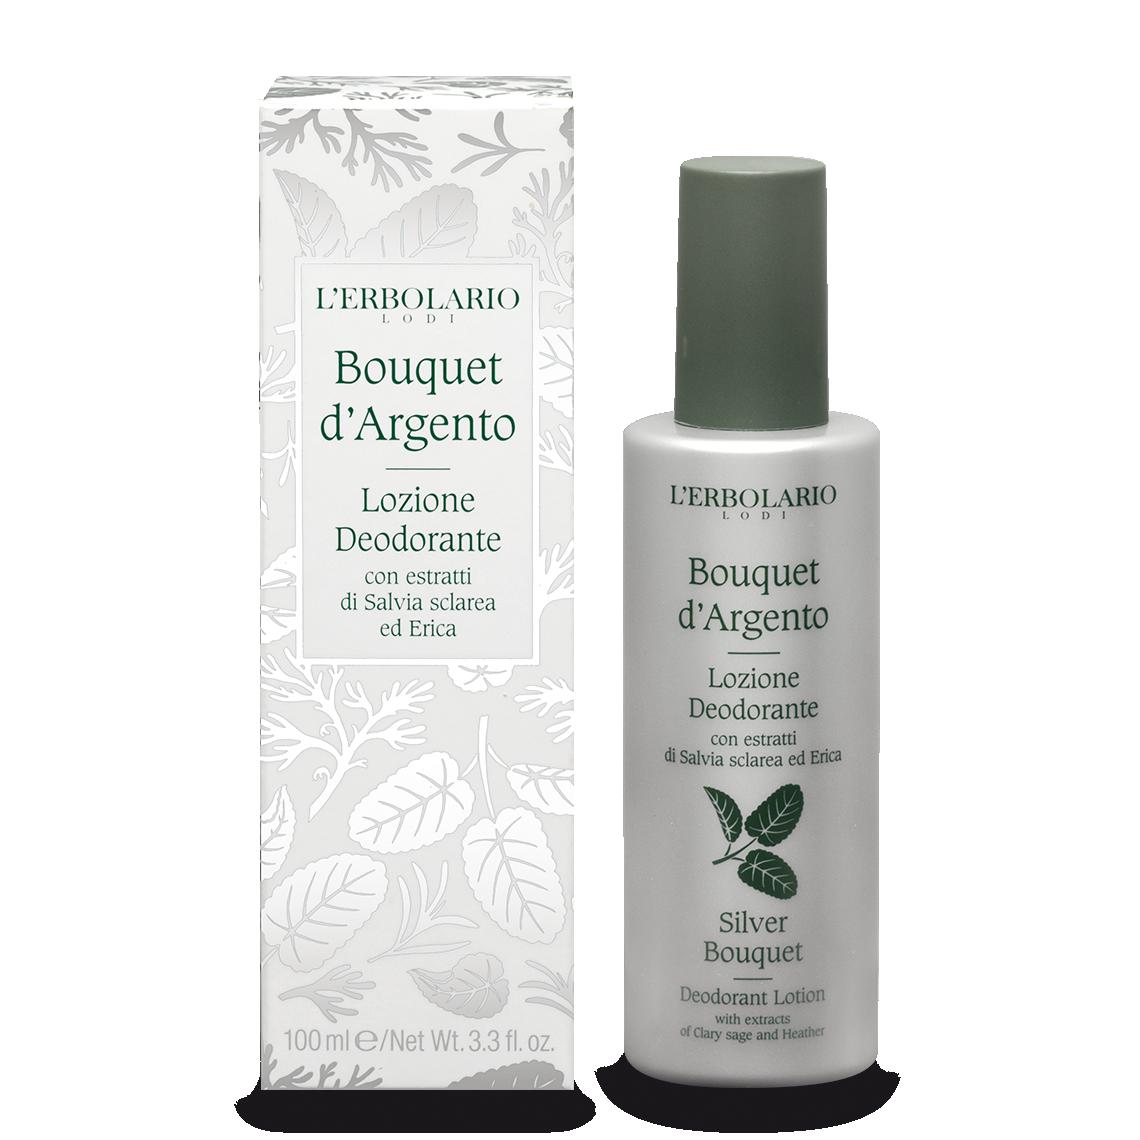 Lozione Deodorante Bouquet d'Argento 100 ml